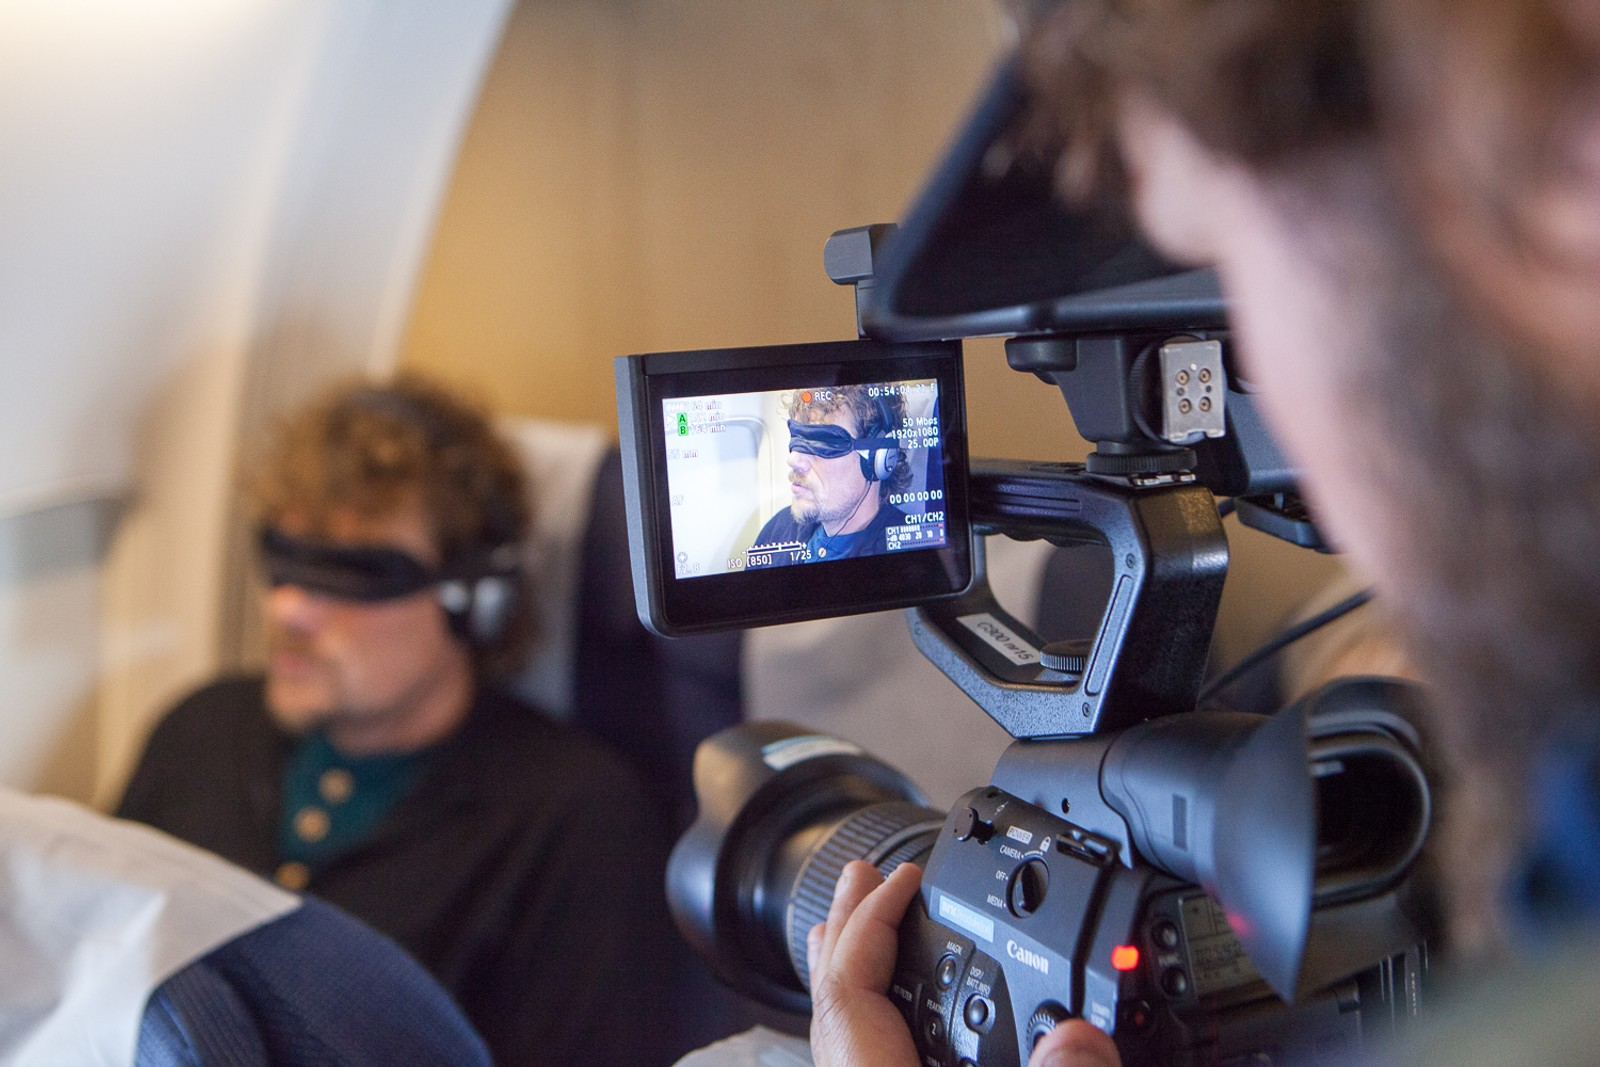 – Flyselskapene er også veldig hjelpsomme med å være diskret når de annonserer om bord i flyet, i tilfelle han skulle greie å høre noen ord gjennom øreklokkene. I tillegg sitter Anne gjerne å hamrer på øreklokkene når det blir sagt ting, forklarer regissør Håvard Jenssen.